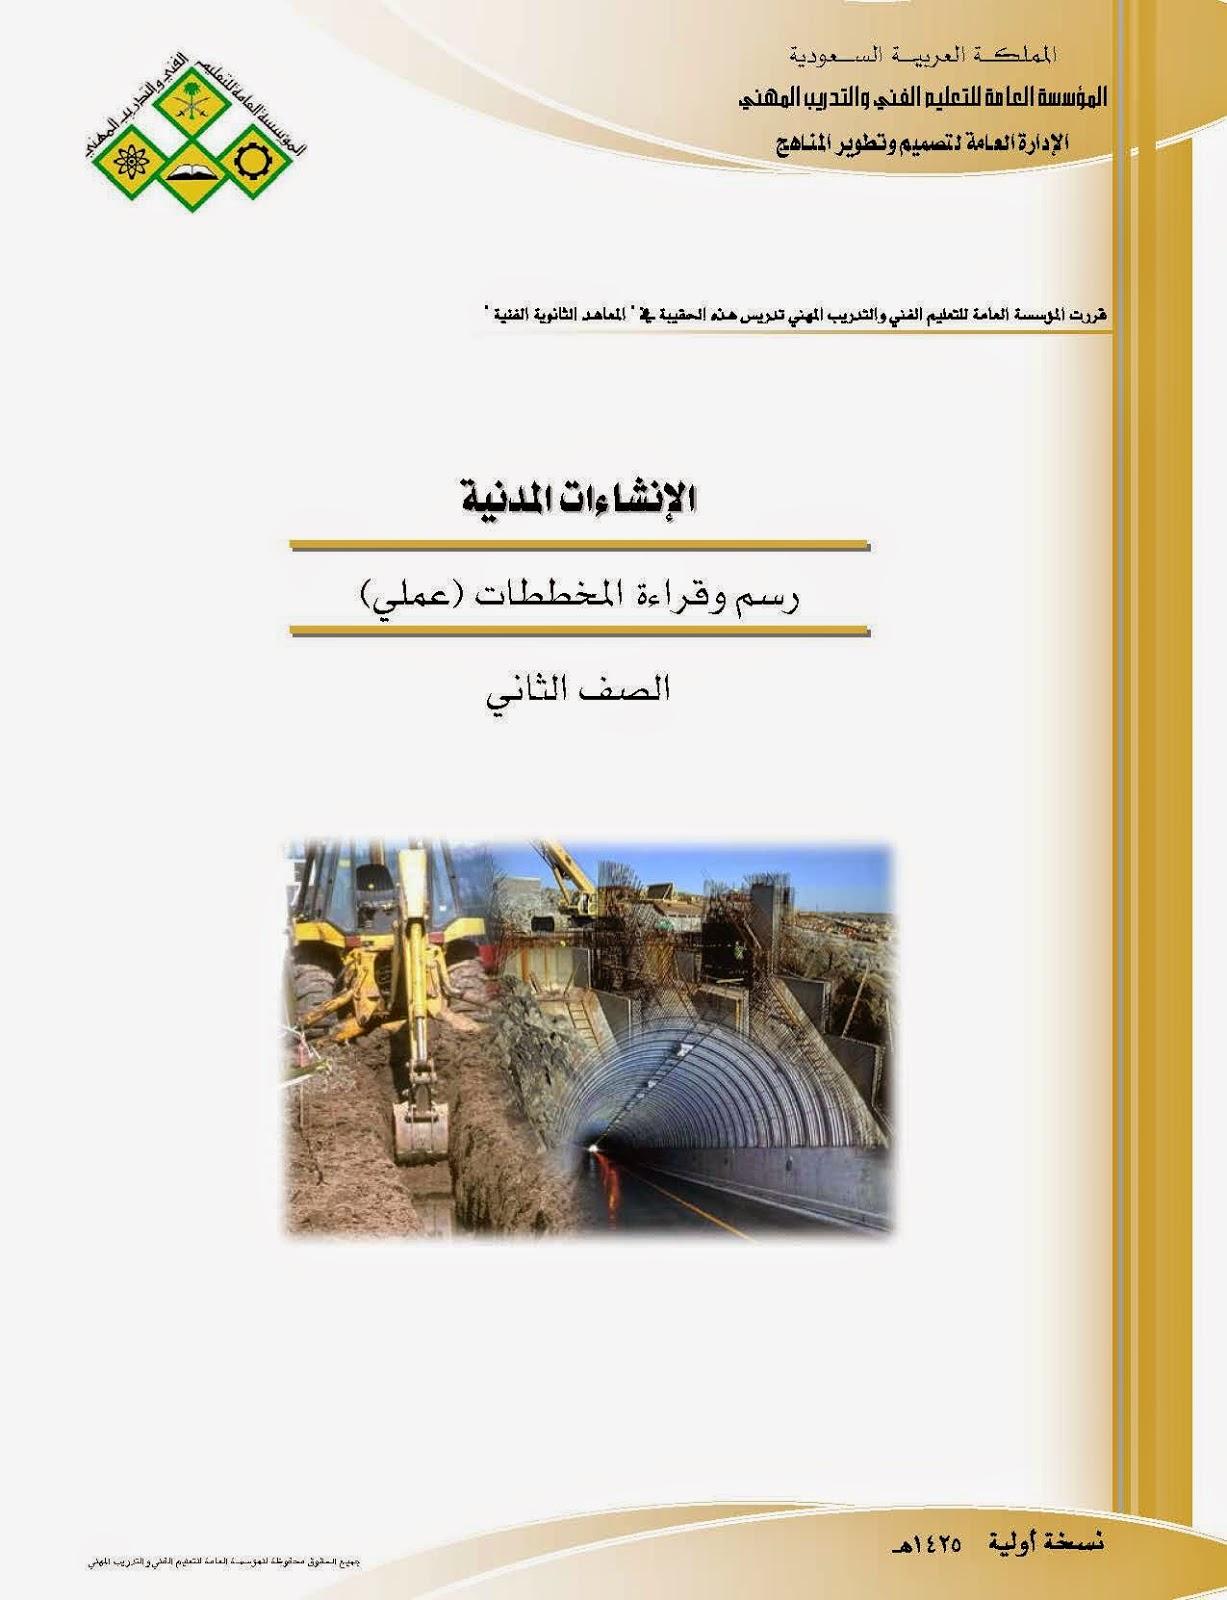 كتاب الإنشاءات المدنية: رسم وقراءة المخططات ( عملي )